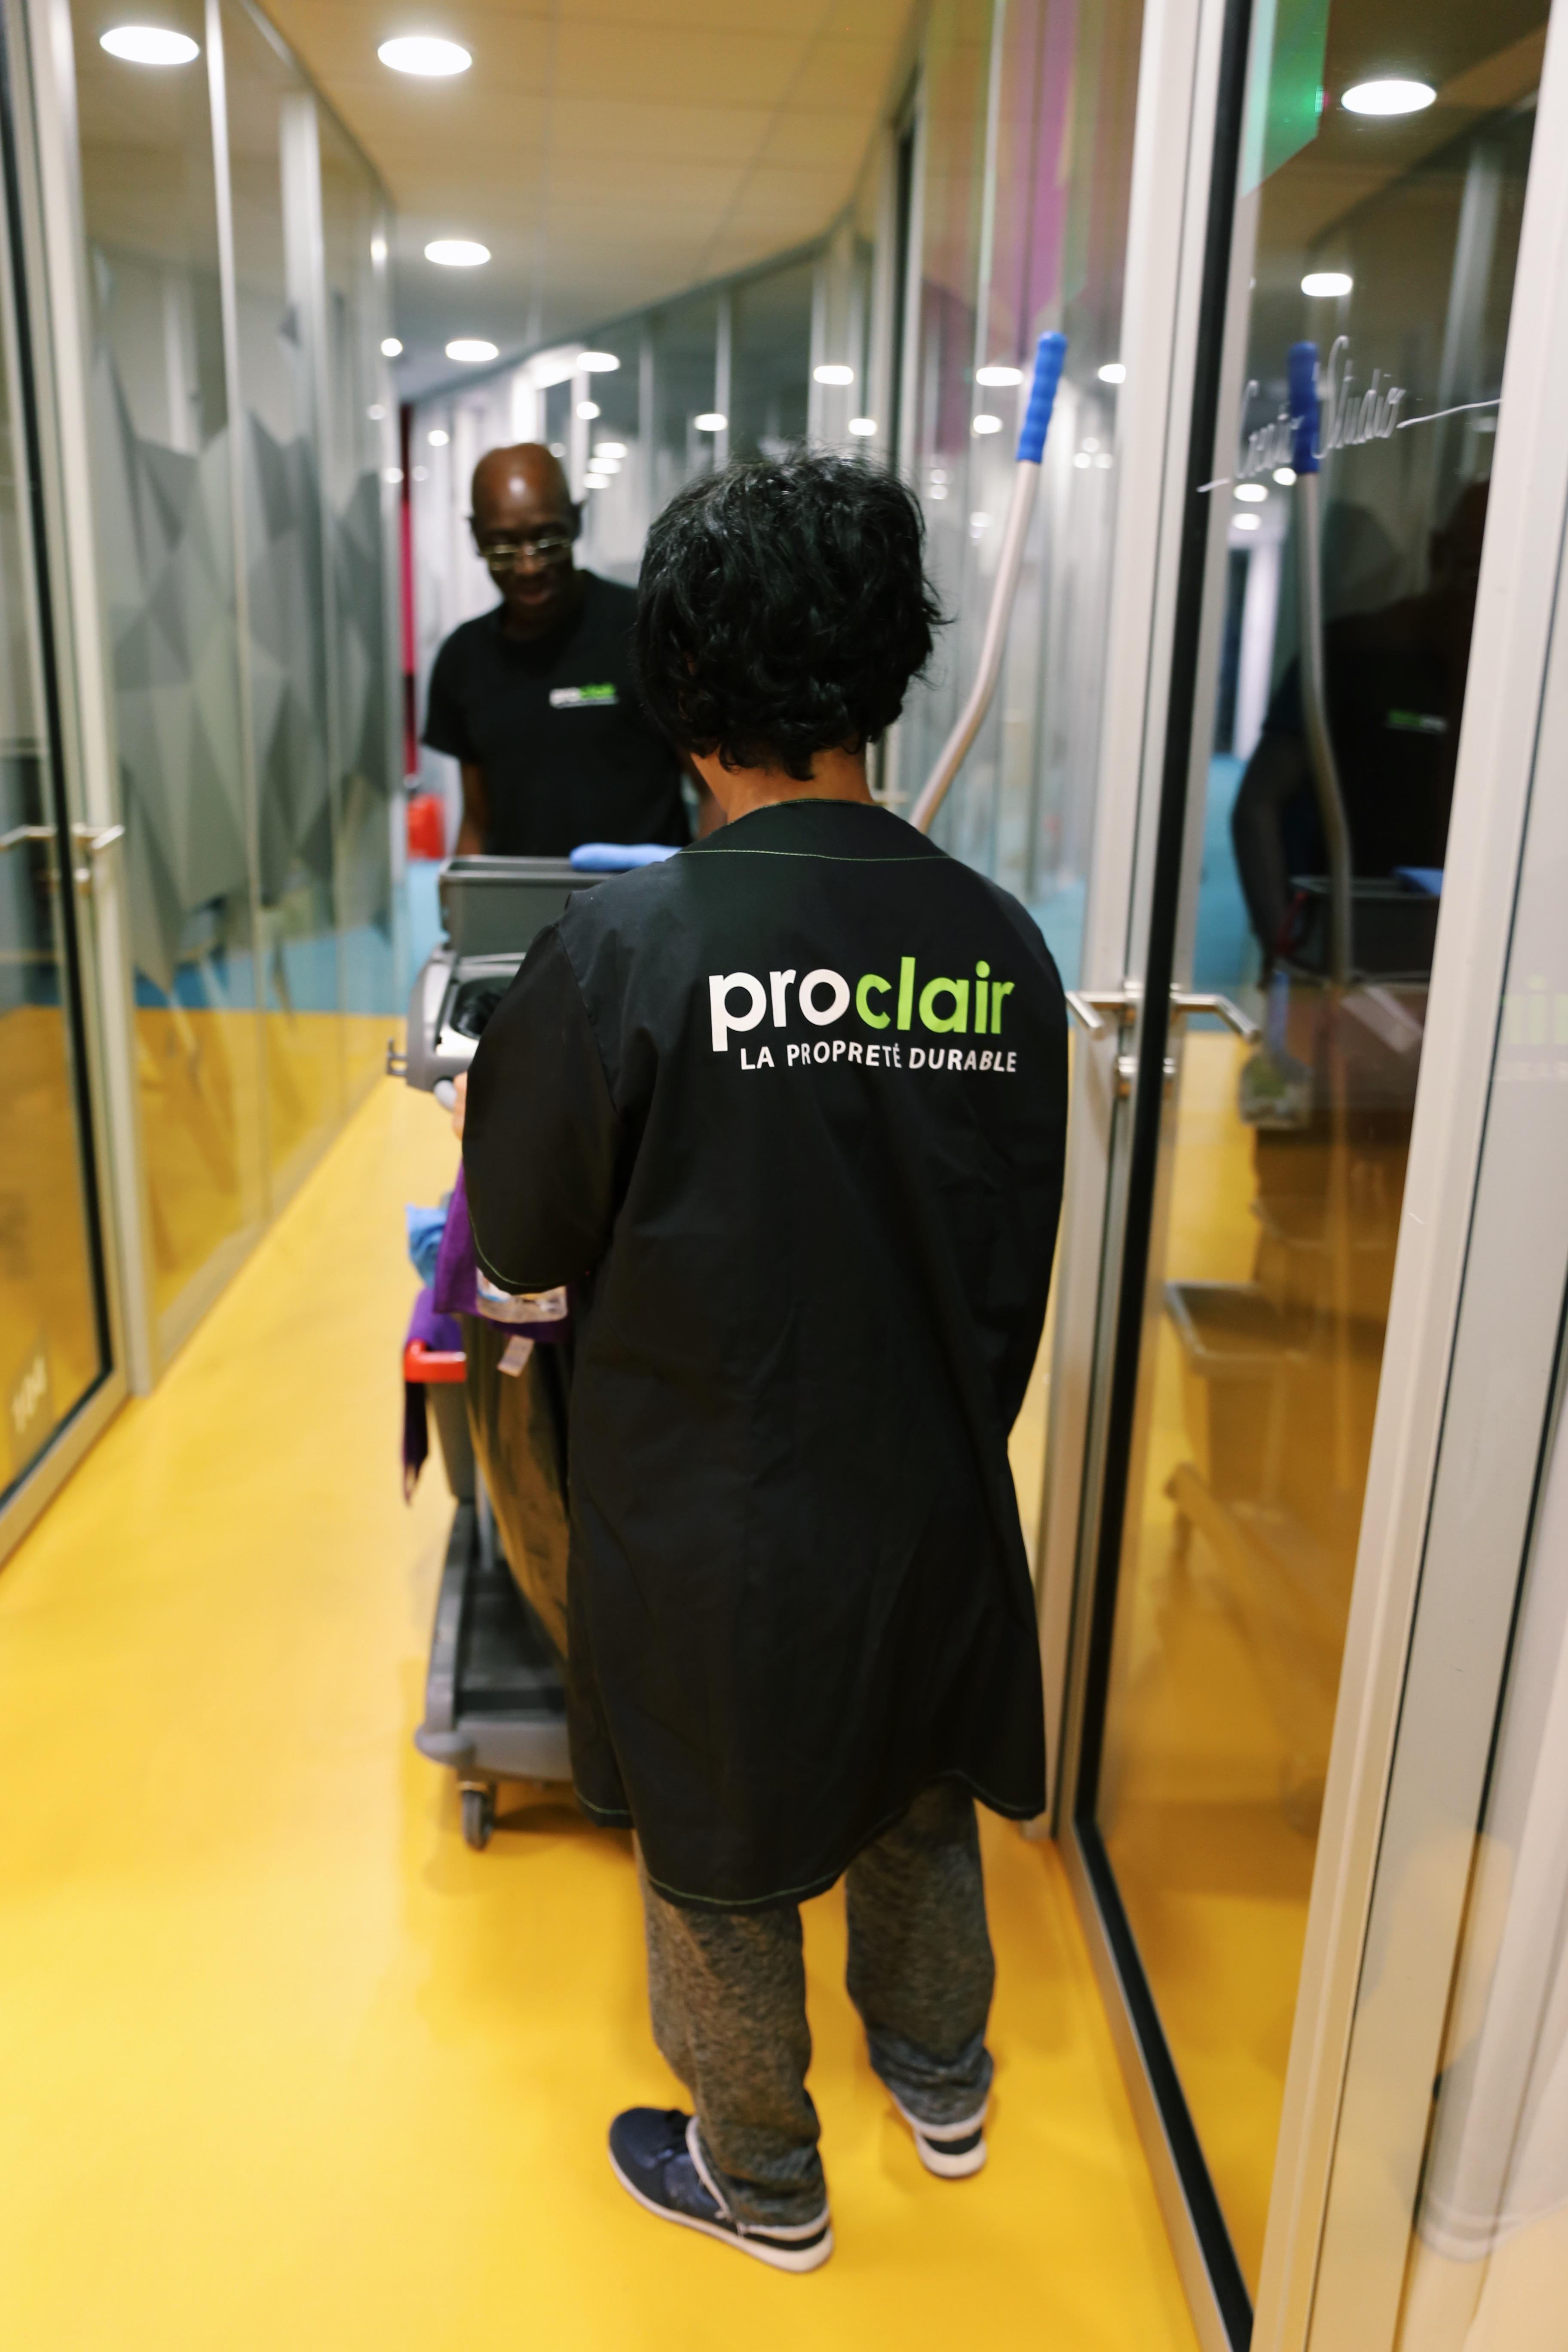 Les equipes de Proclair mobilisées sur de nombreux secteurs d'activité